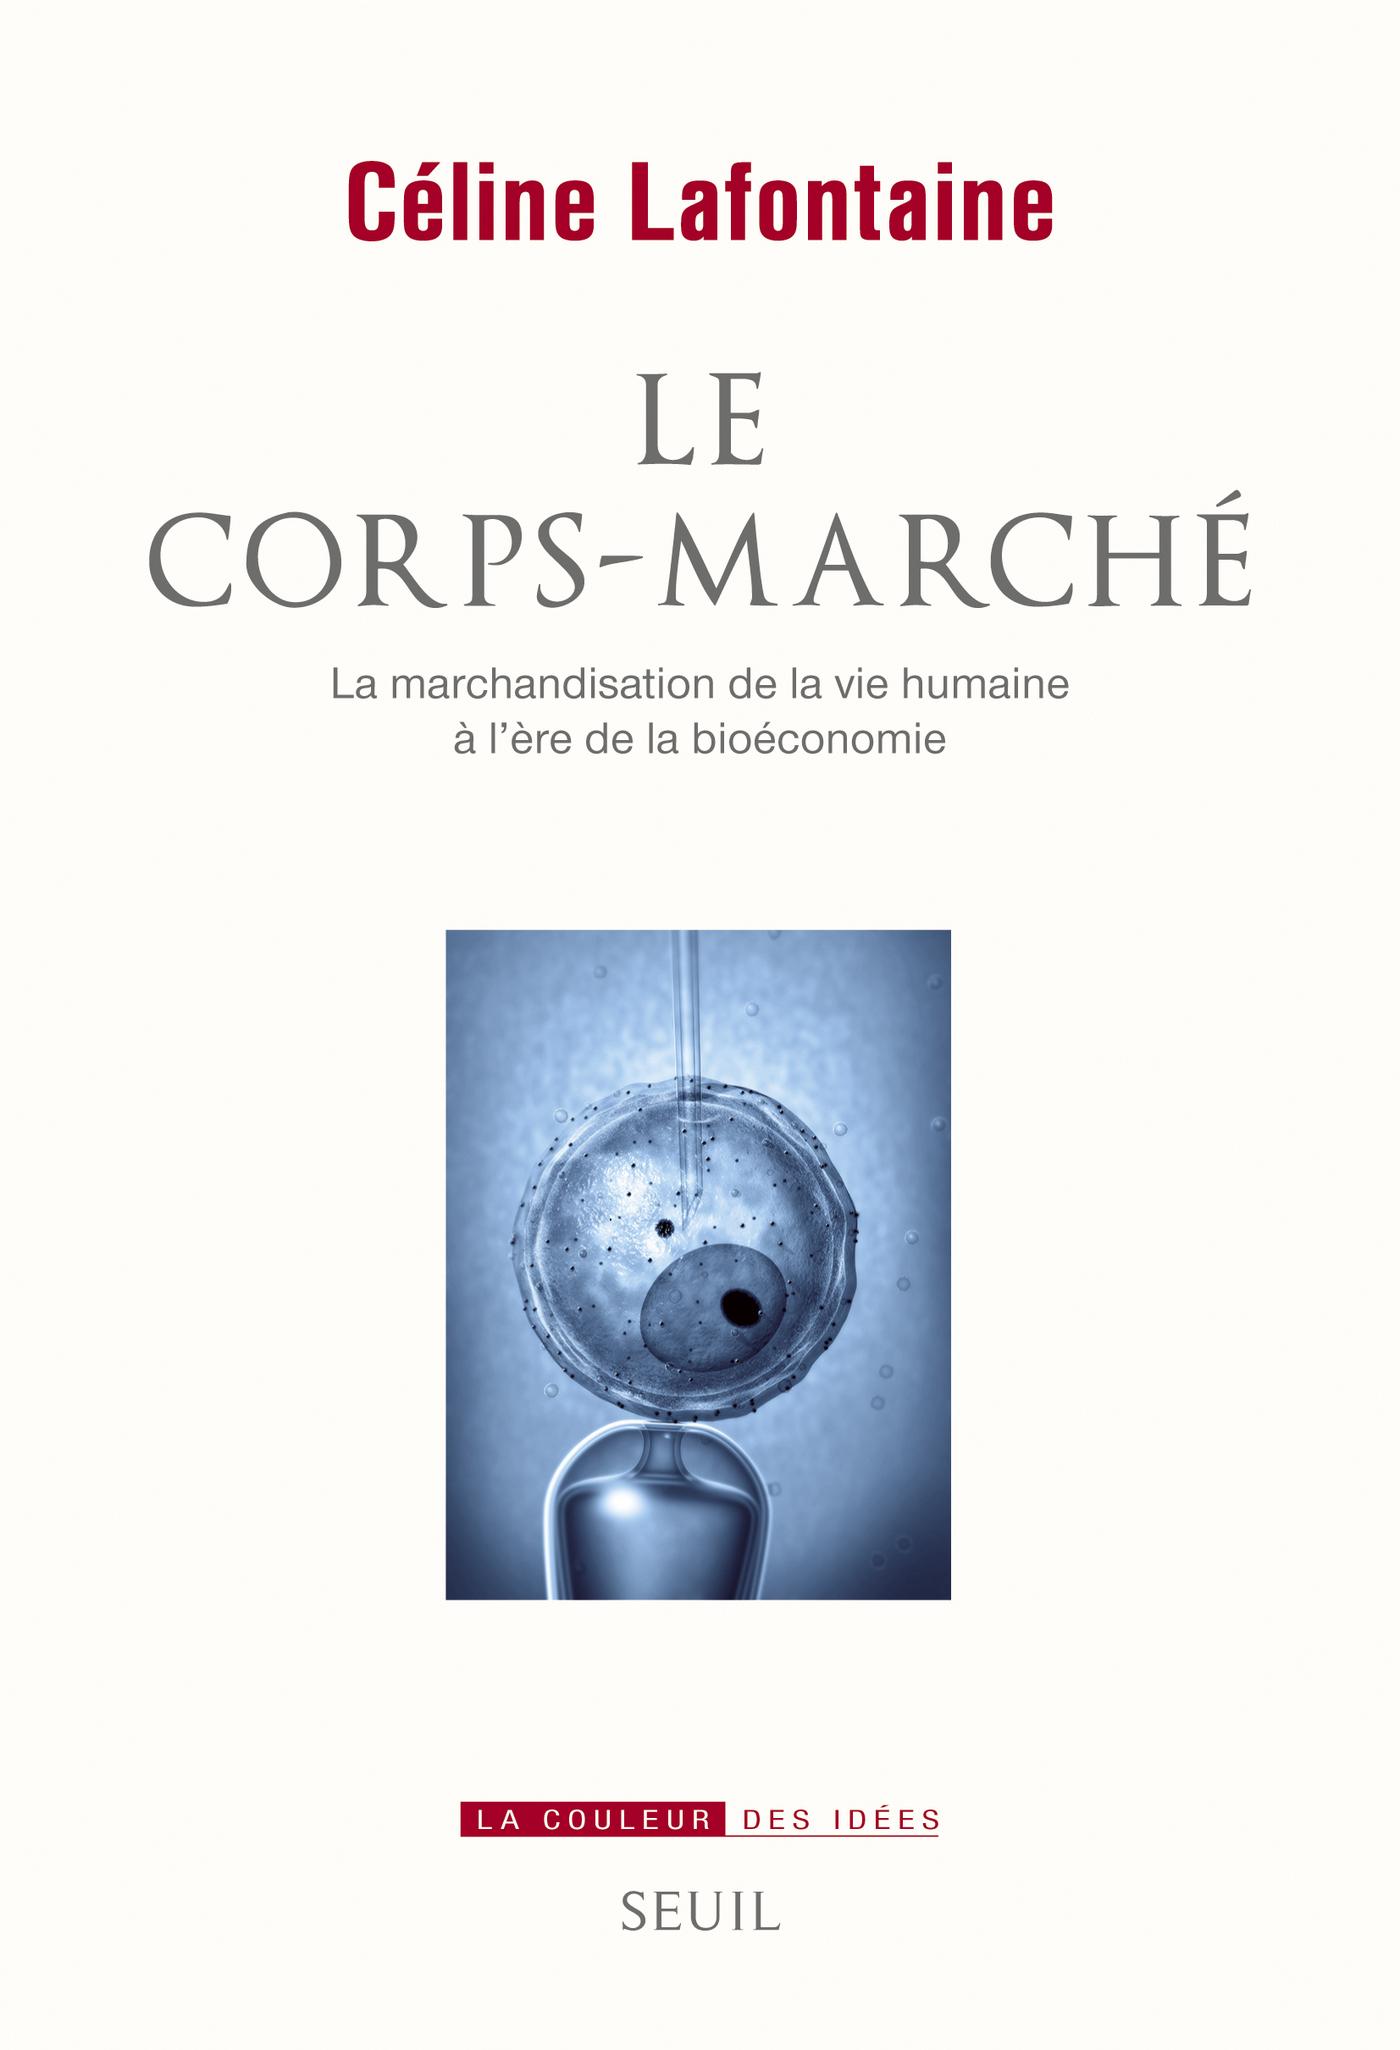 Le Corps-marché. La marchandisation de la vie humaine à l'ère de la bioéconomie